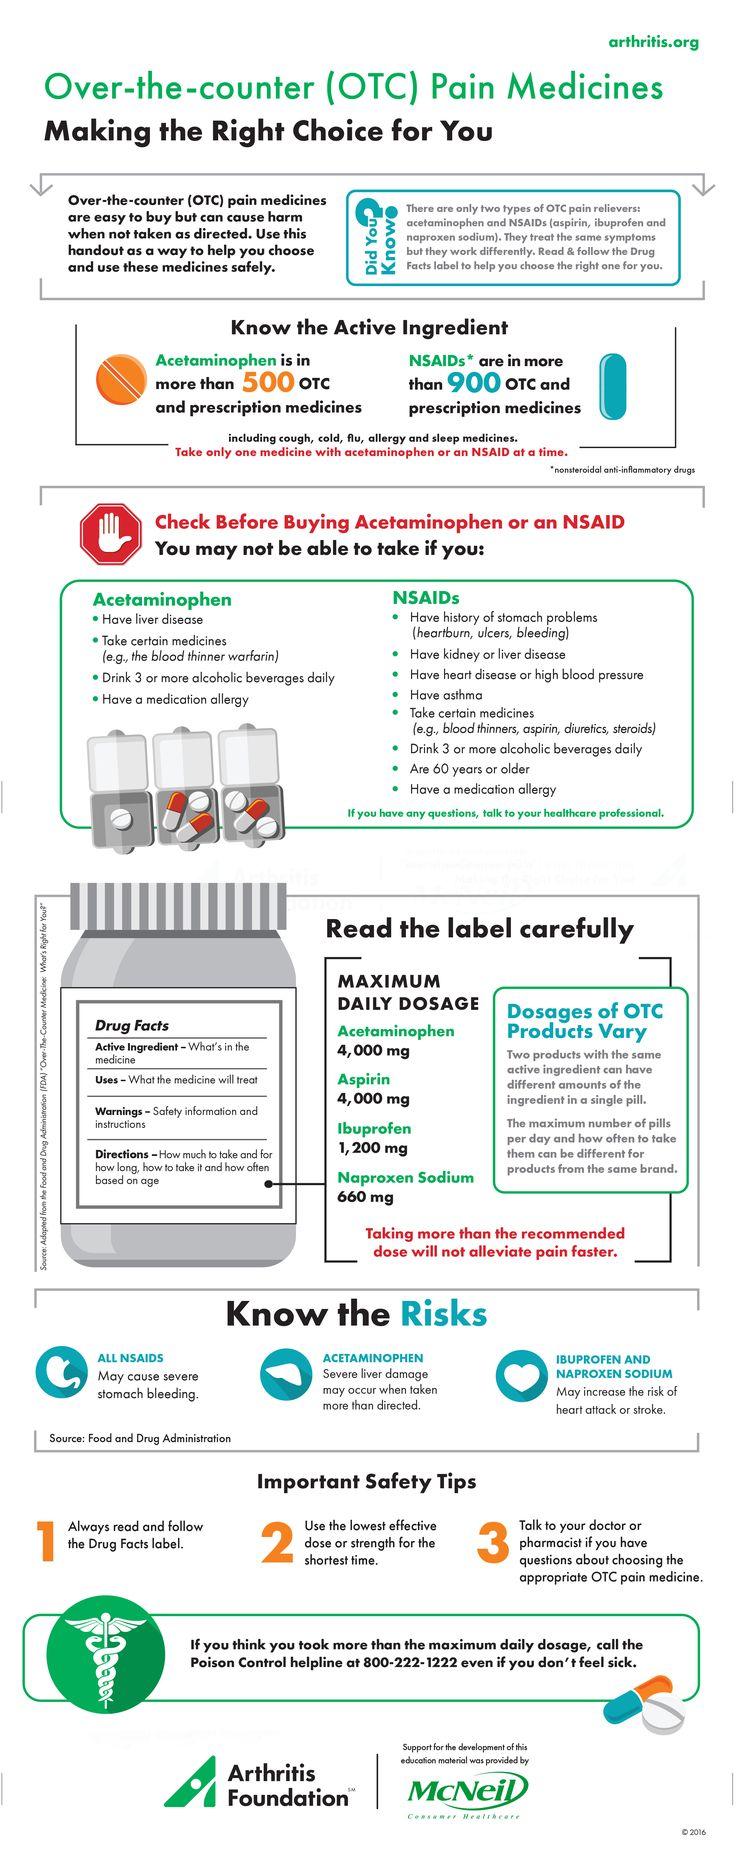 Worksheets Medication Management Worksheets workbooks medication management worksheets free printable all grade worksheet grade